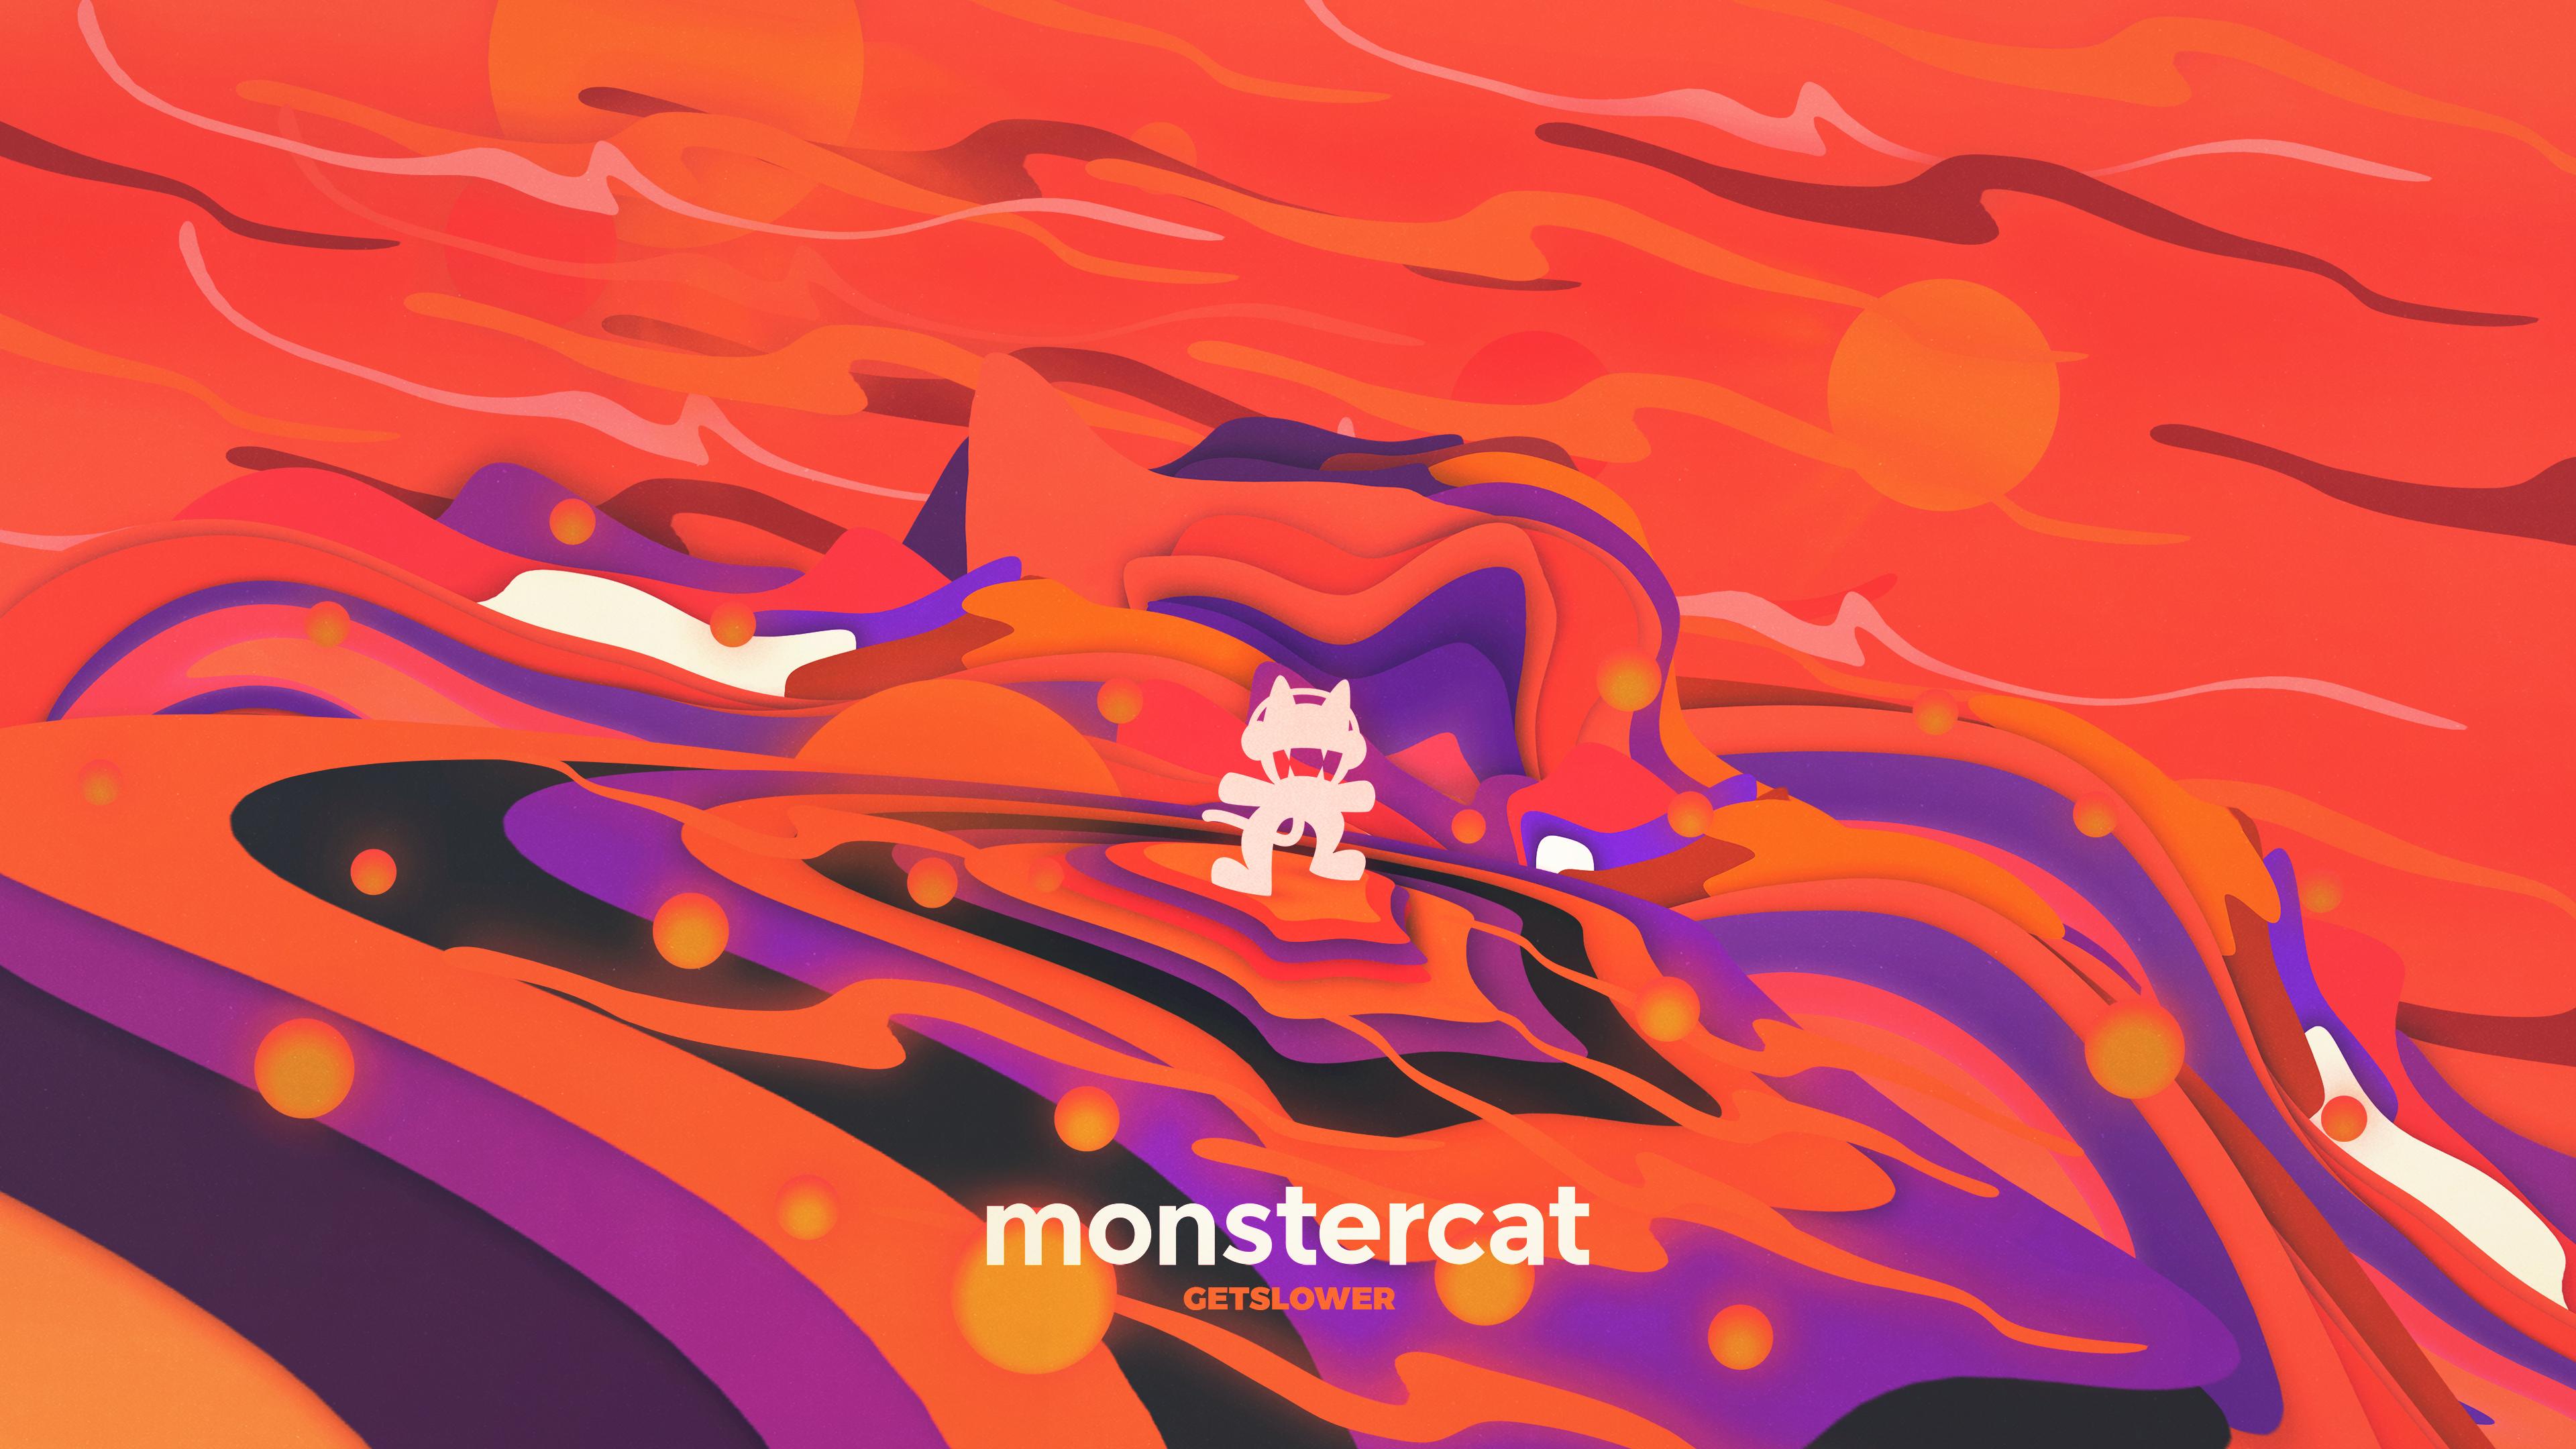 Wallpaper : Monstercat, music 3840x2160 - getslower